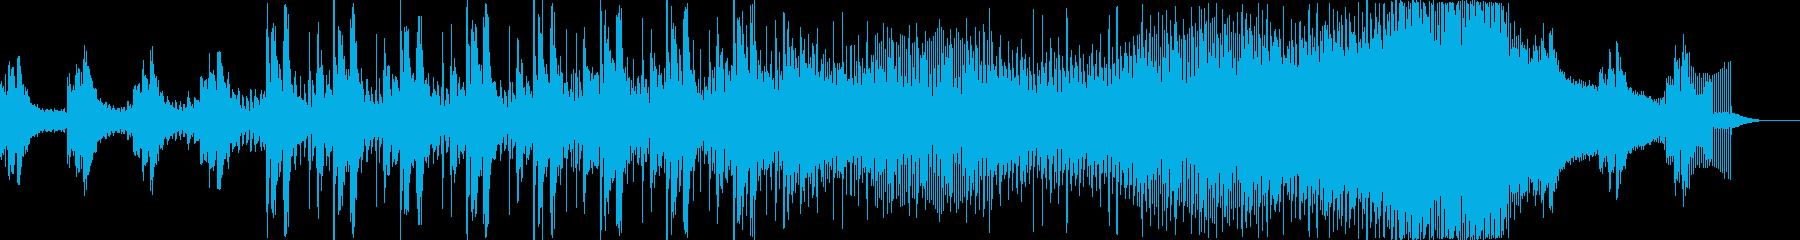 神秘的な宇宙をイメージしたデジタル楽曲の再生済みの波形